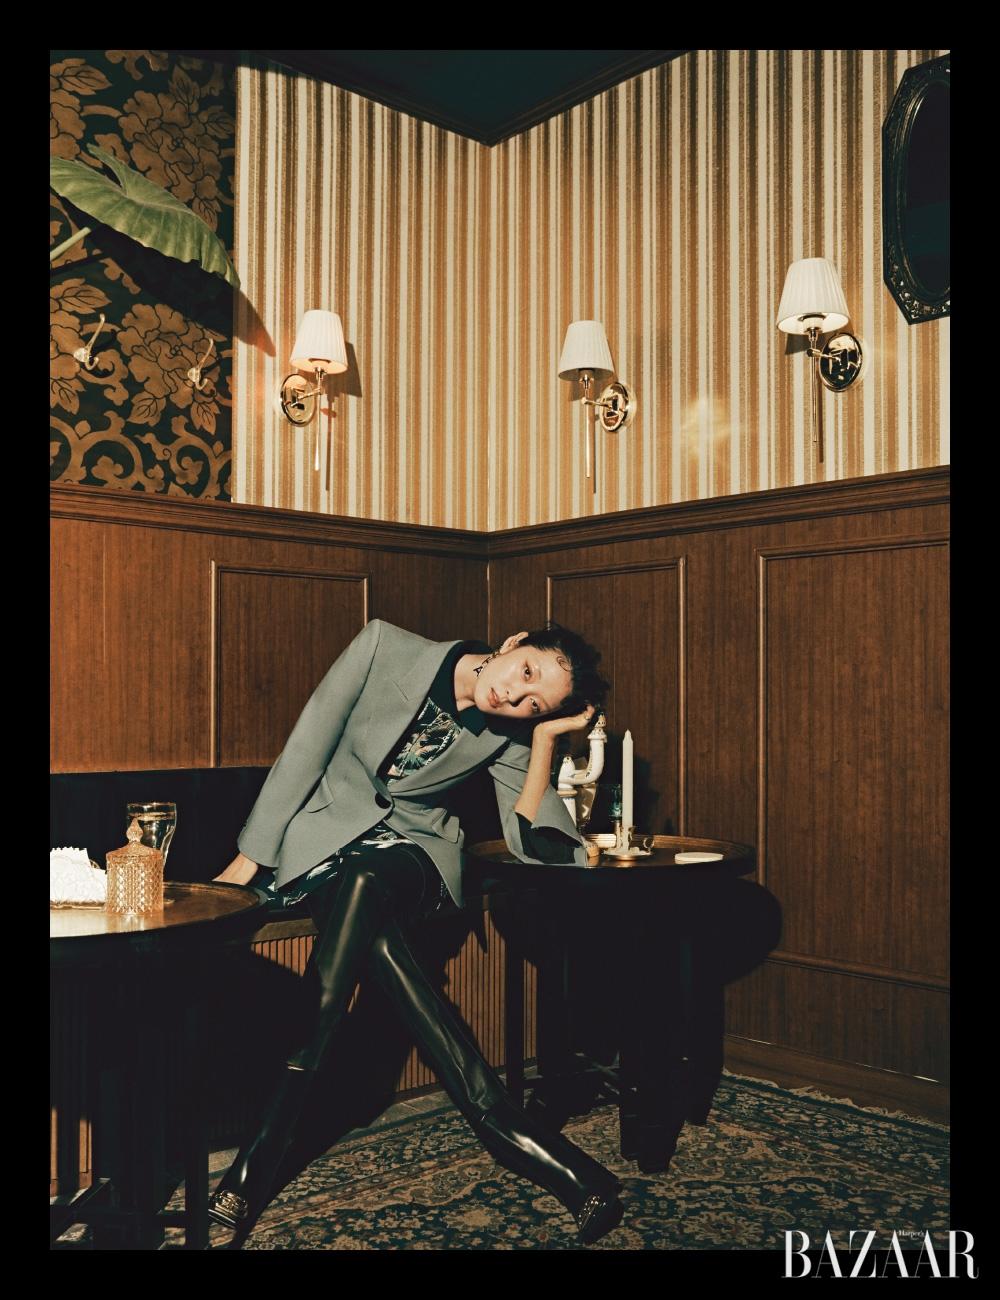 재킷은 2백20만원대 Peter Petrov by My Boon, 톱은 16만9천원 Lacoste Collection, 팬츠는 Solid Homme Wooyoungmi, 귀고리는 Chanel, 앵클부츠는 Balenciaga.